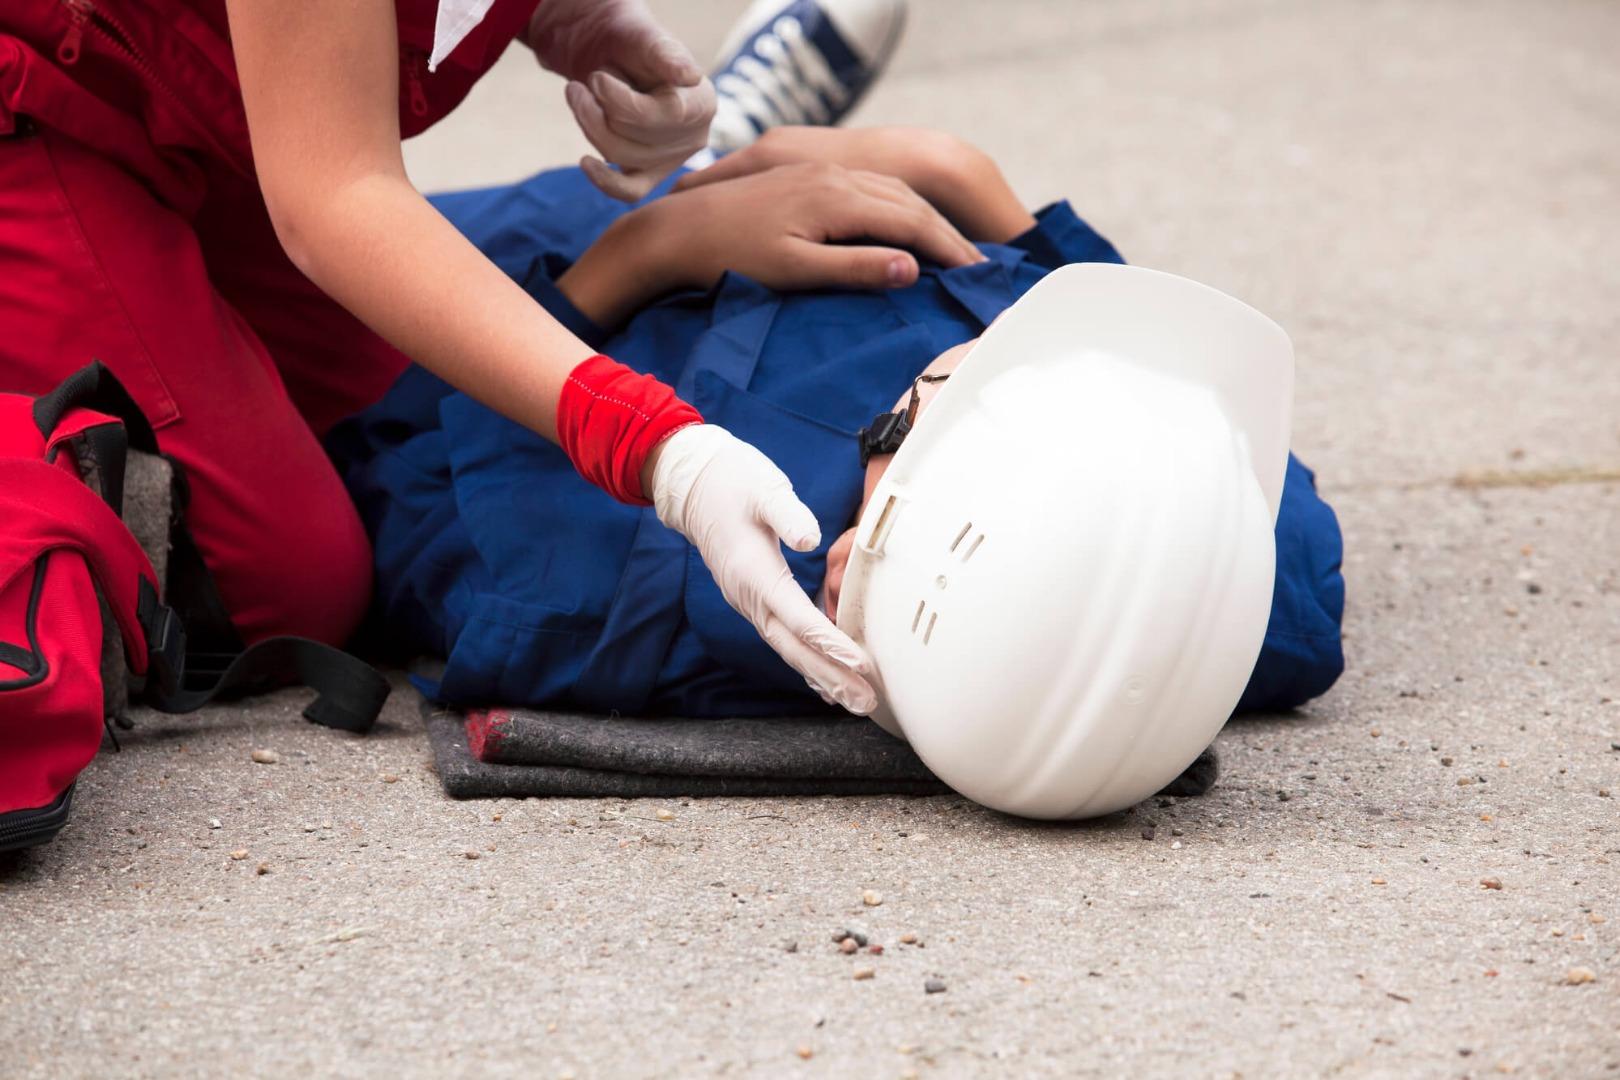 За полтора года на предприятиях в Карагандинской области погибли 50 человек